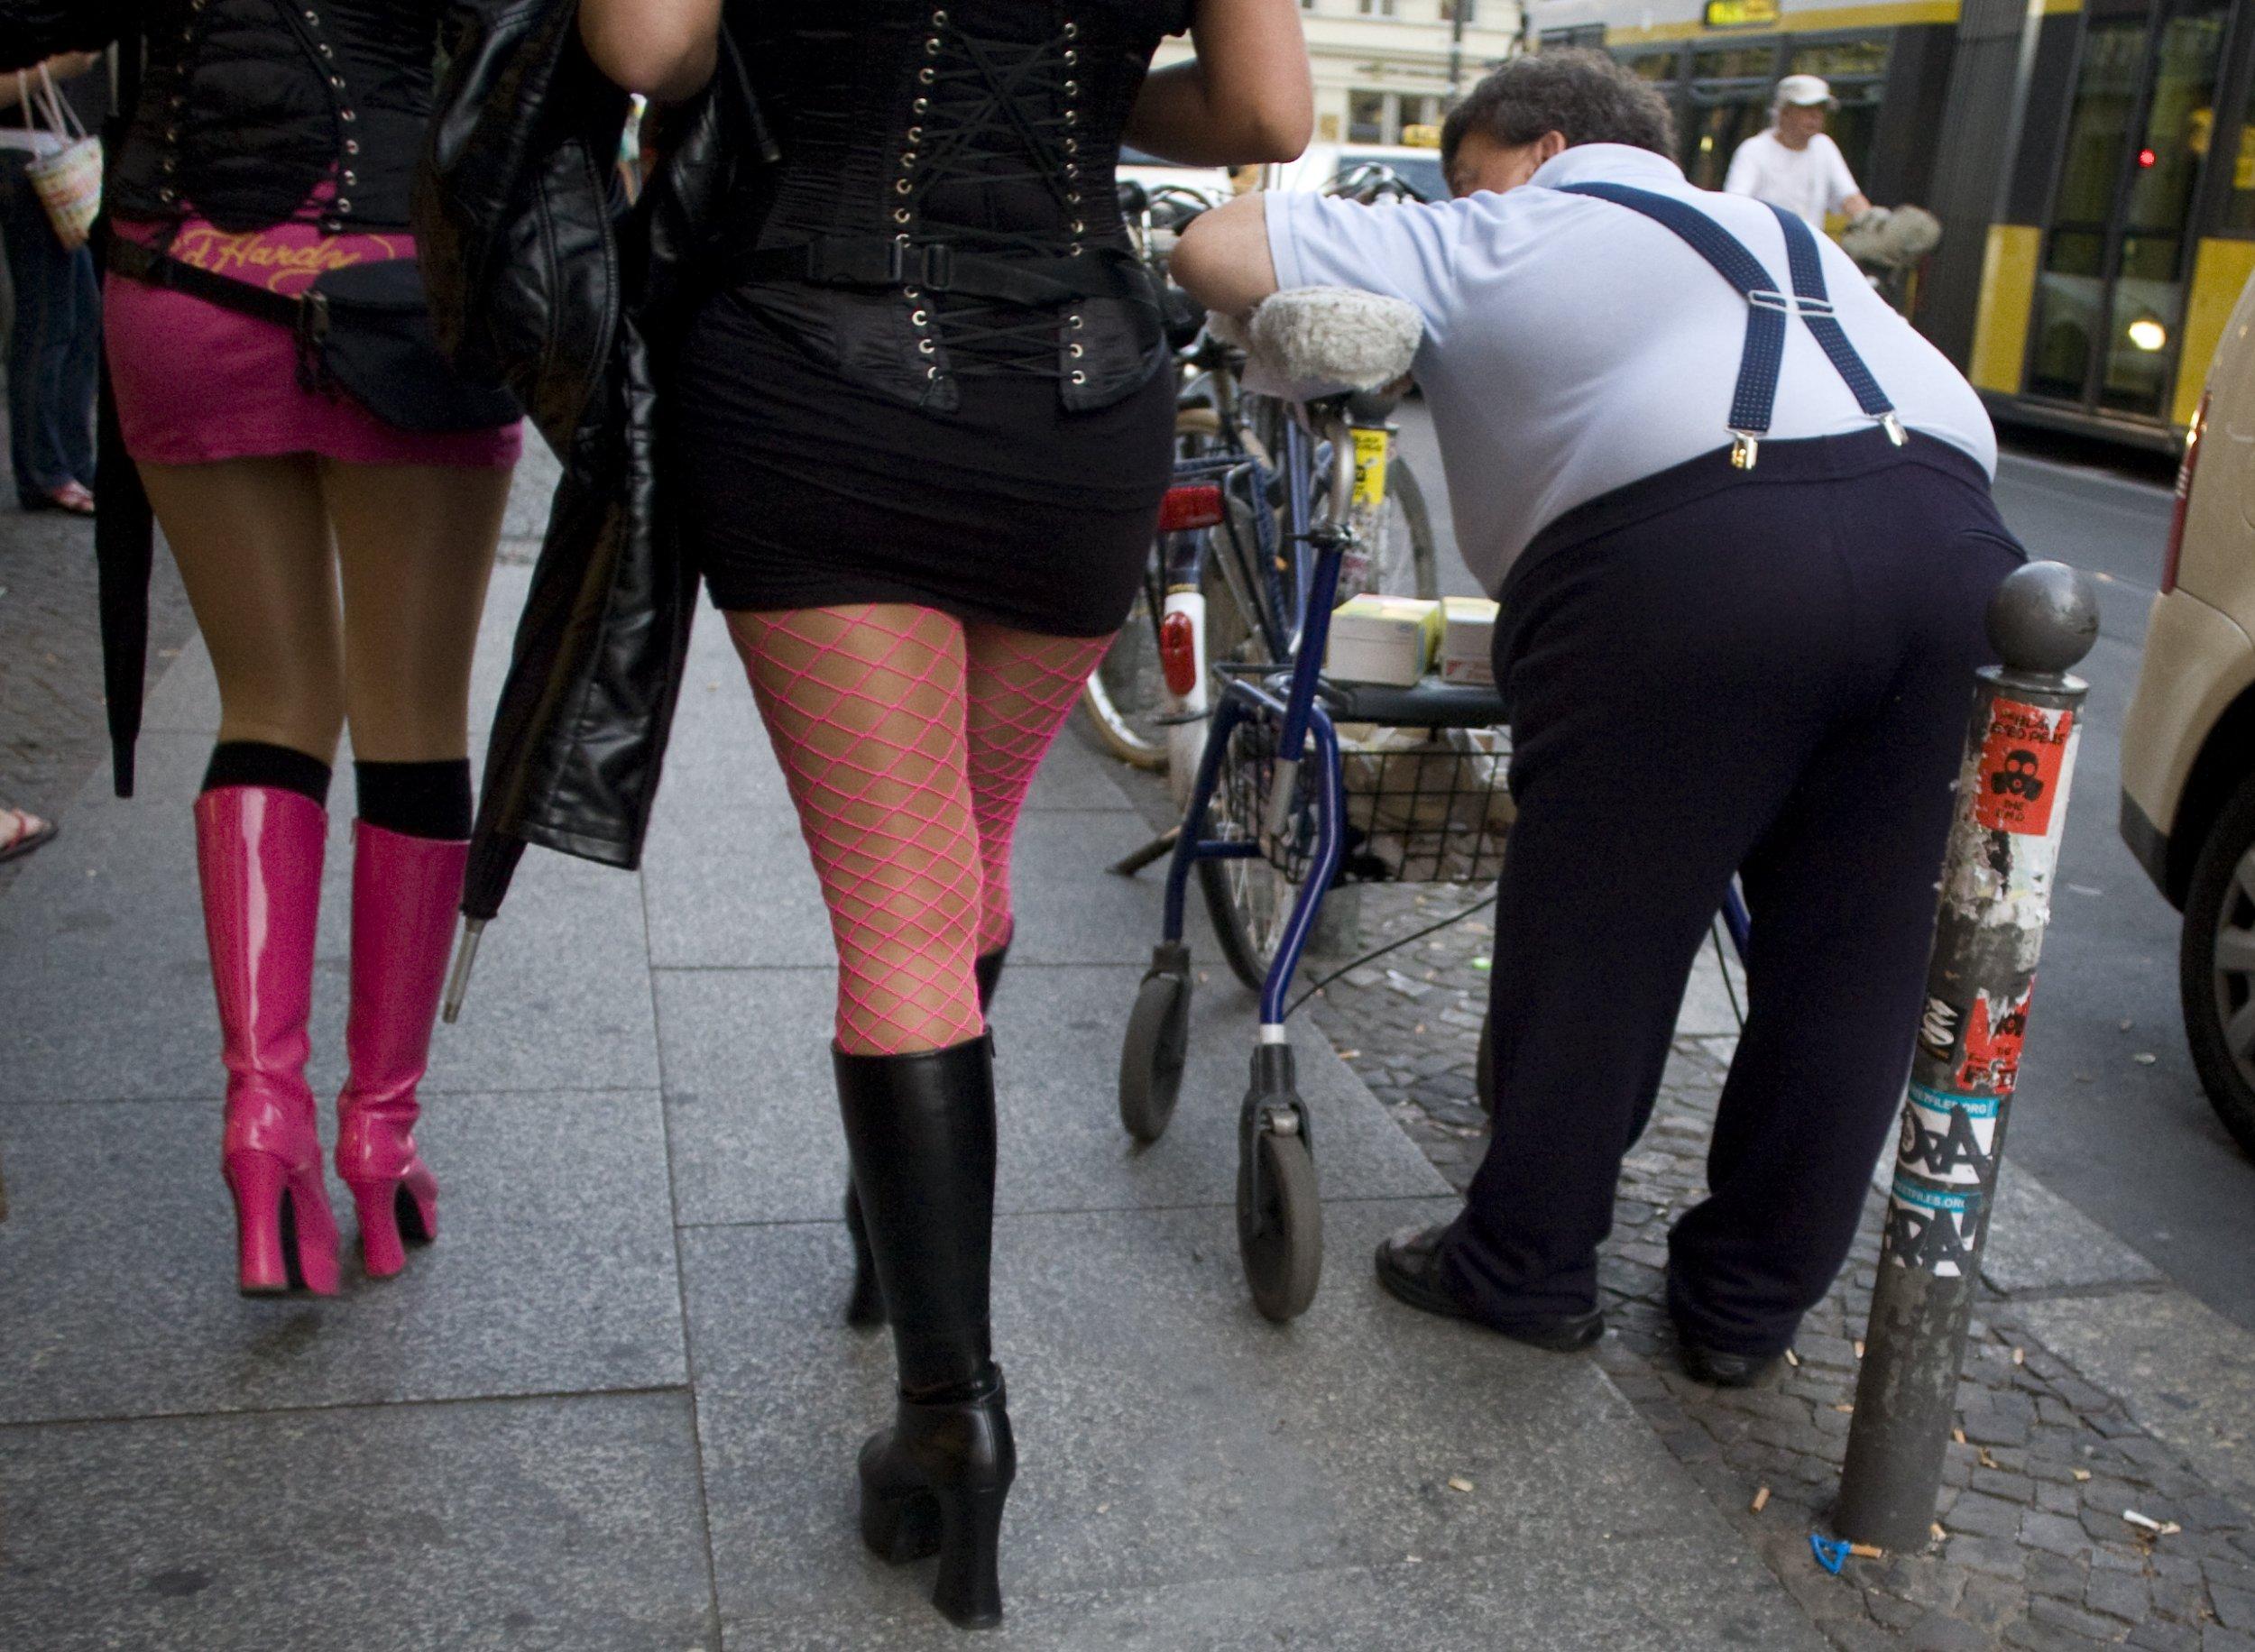 Sex workers in Berlin